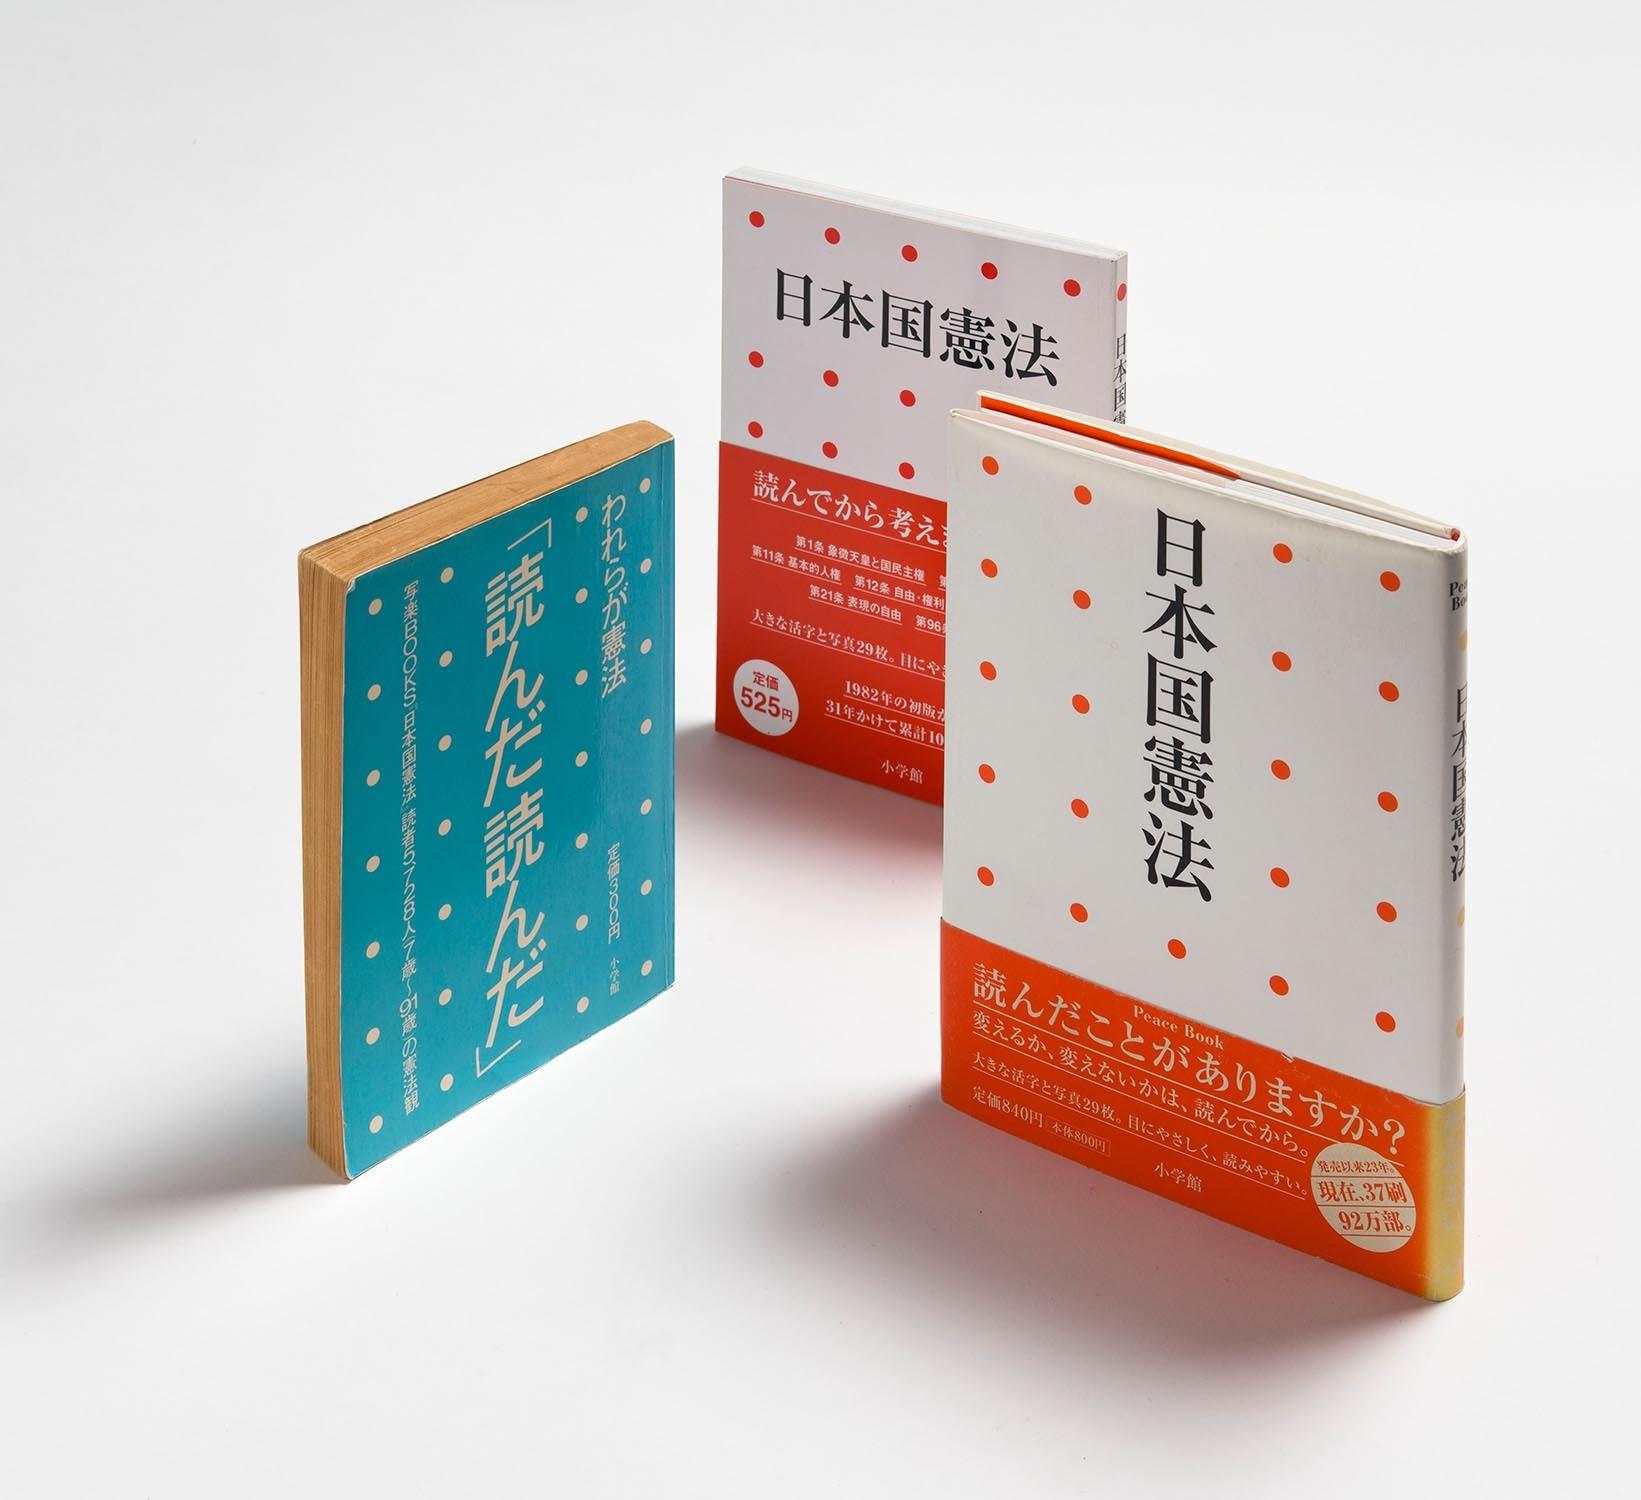 1月21日 SPINORブックトーク 島本脩二「日本国憲法」_c0127768_08052541.jpg